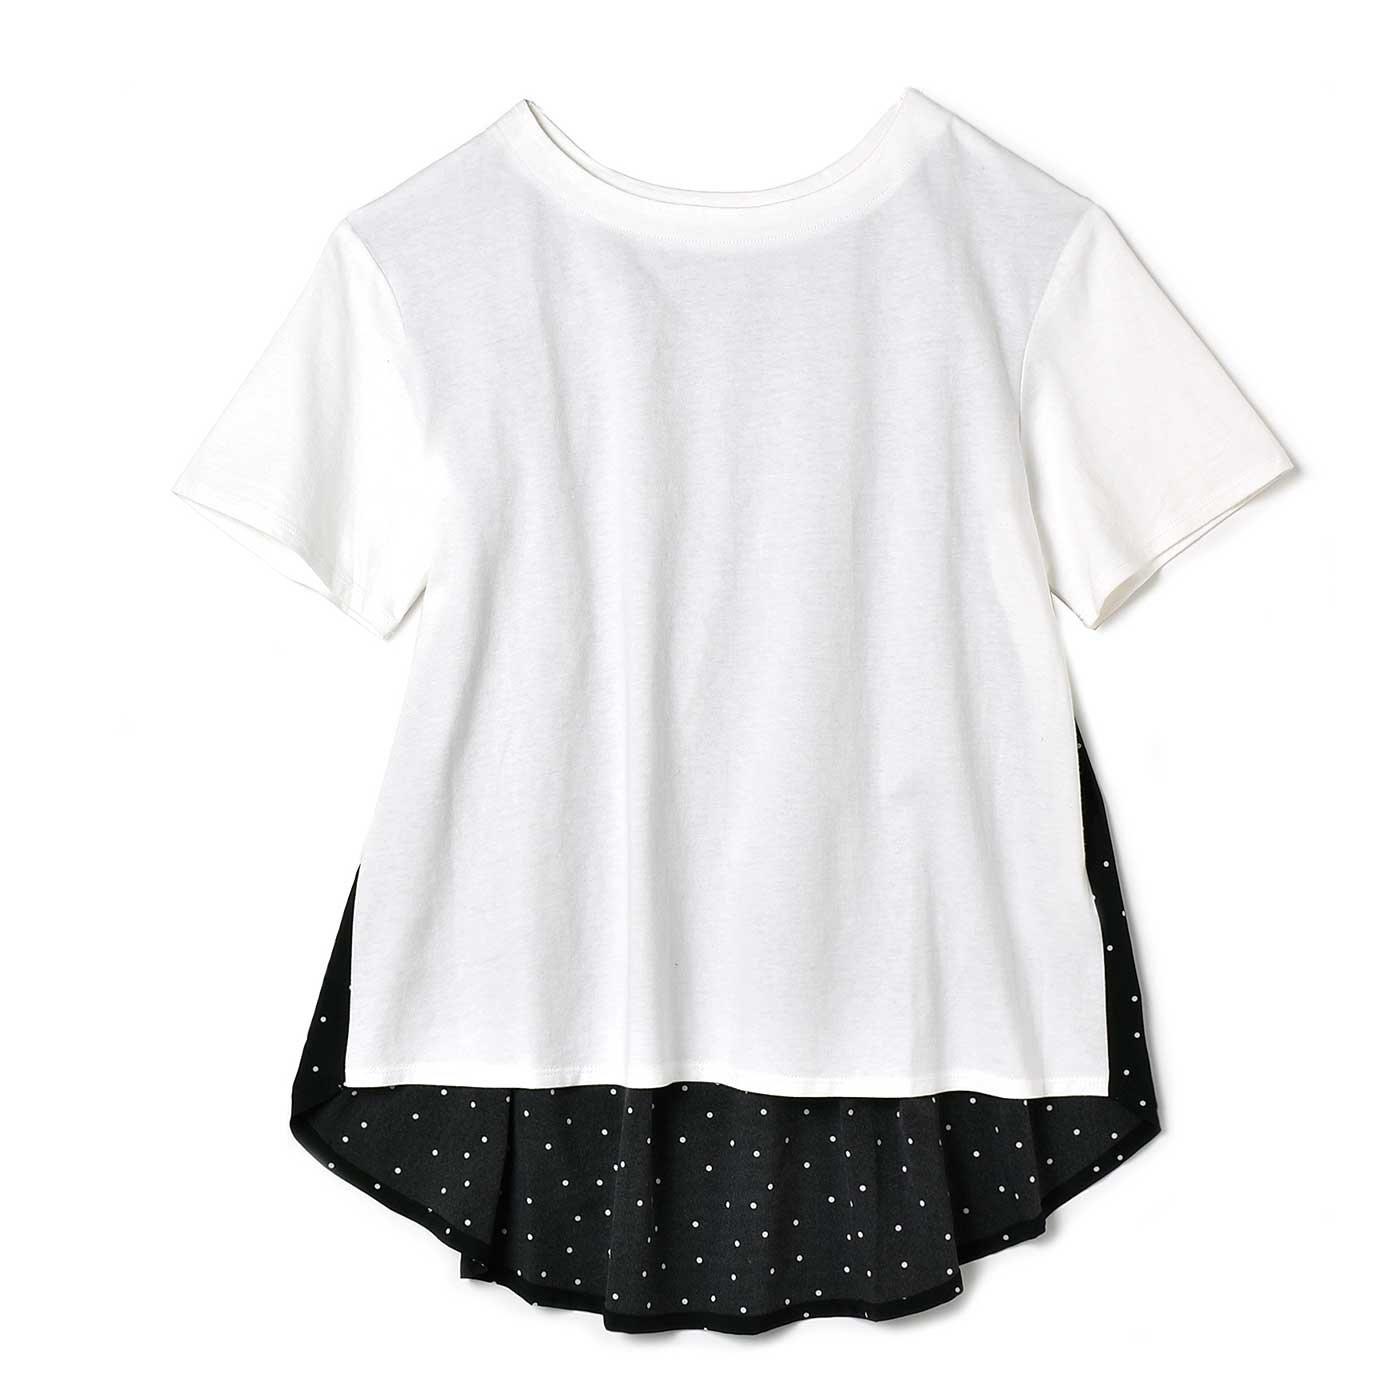 リブ イン コンフォート 後ろ姿すっきり美人のブラウス感覚で着られるTトップス〈ホワイト×ブラック〉